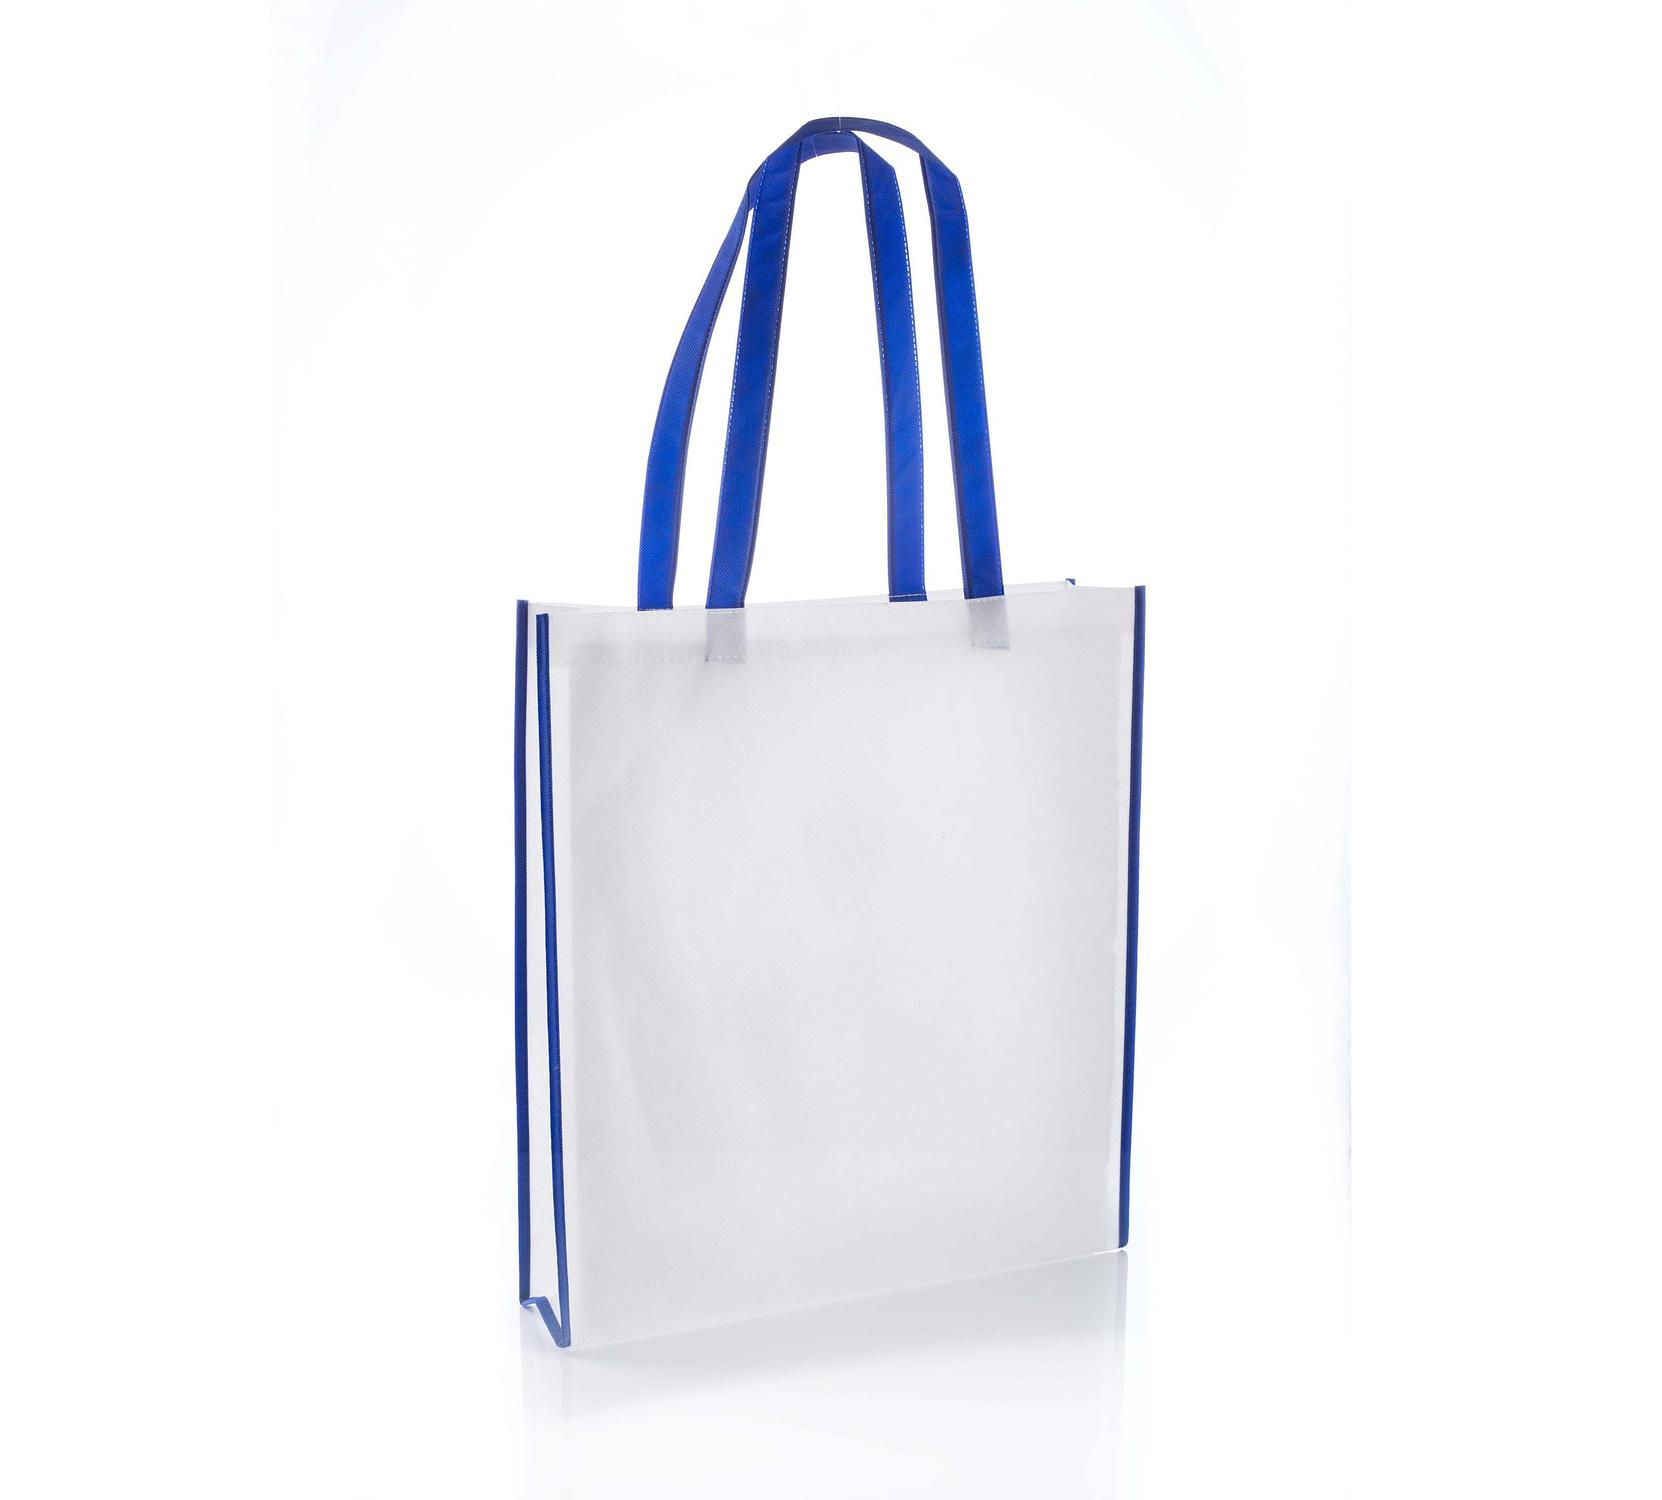 Virginia Blue Non Woven Tote Bag